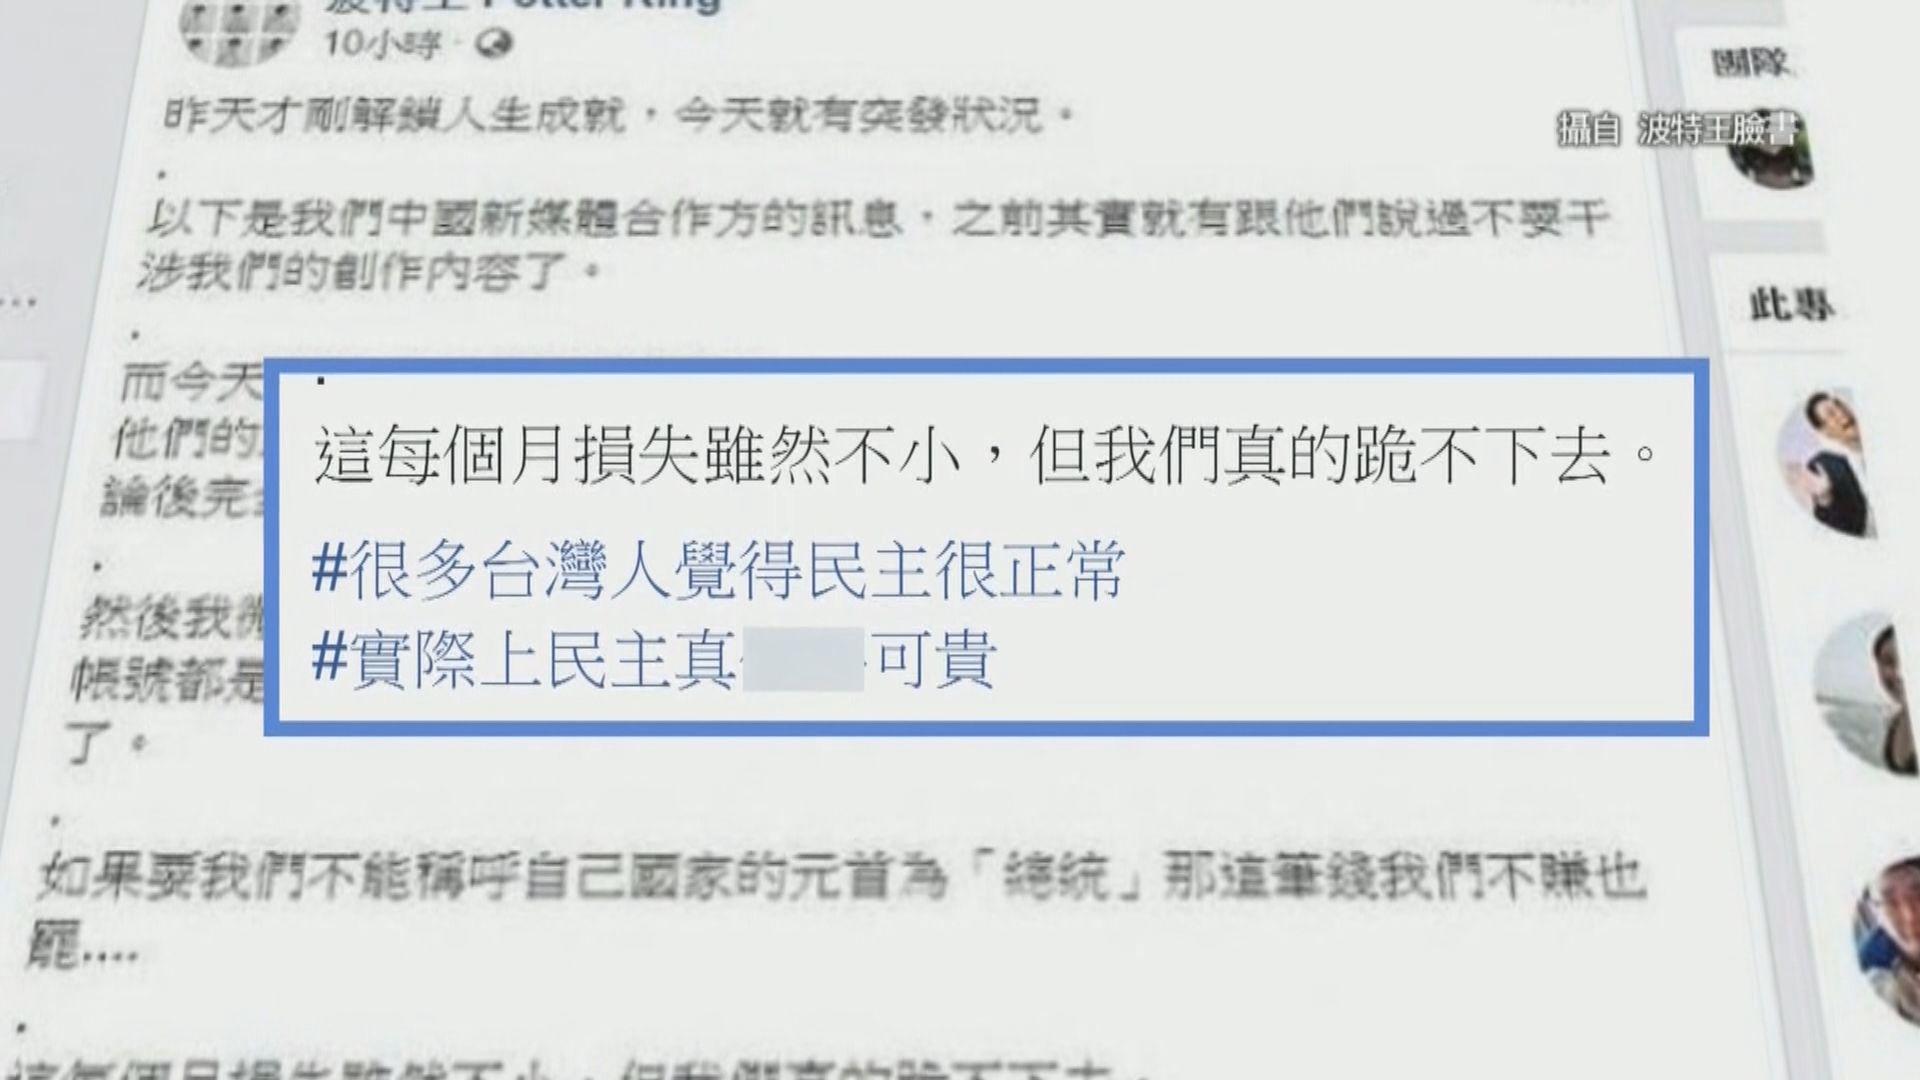 【即日焦點】習近平充分肯定林鄭非常時期的勇氣和擔當 繼續支持警隊嚴正執法;台灣YouTuber與蔡英文拍片遭大陸打壓